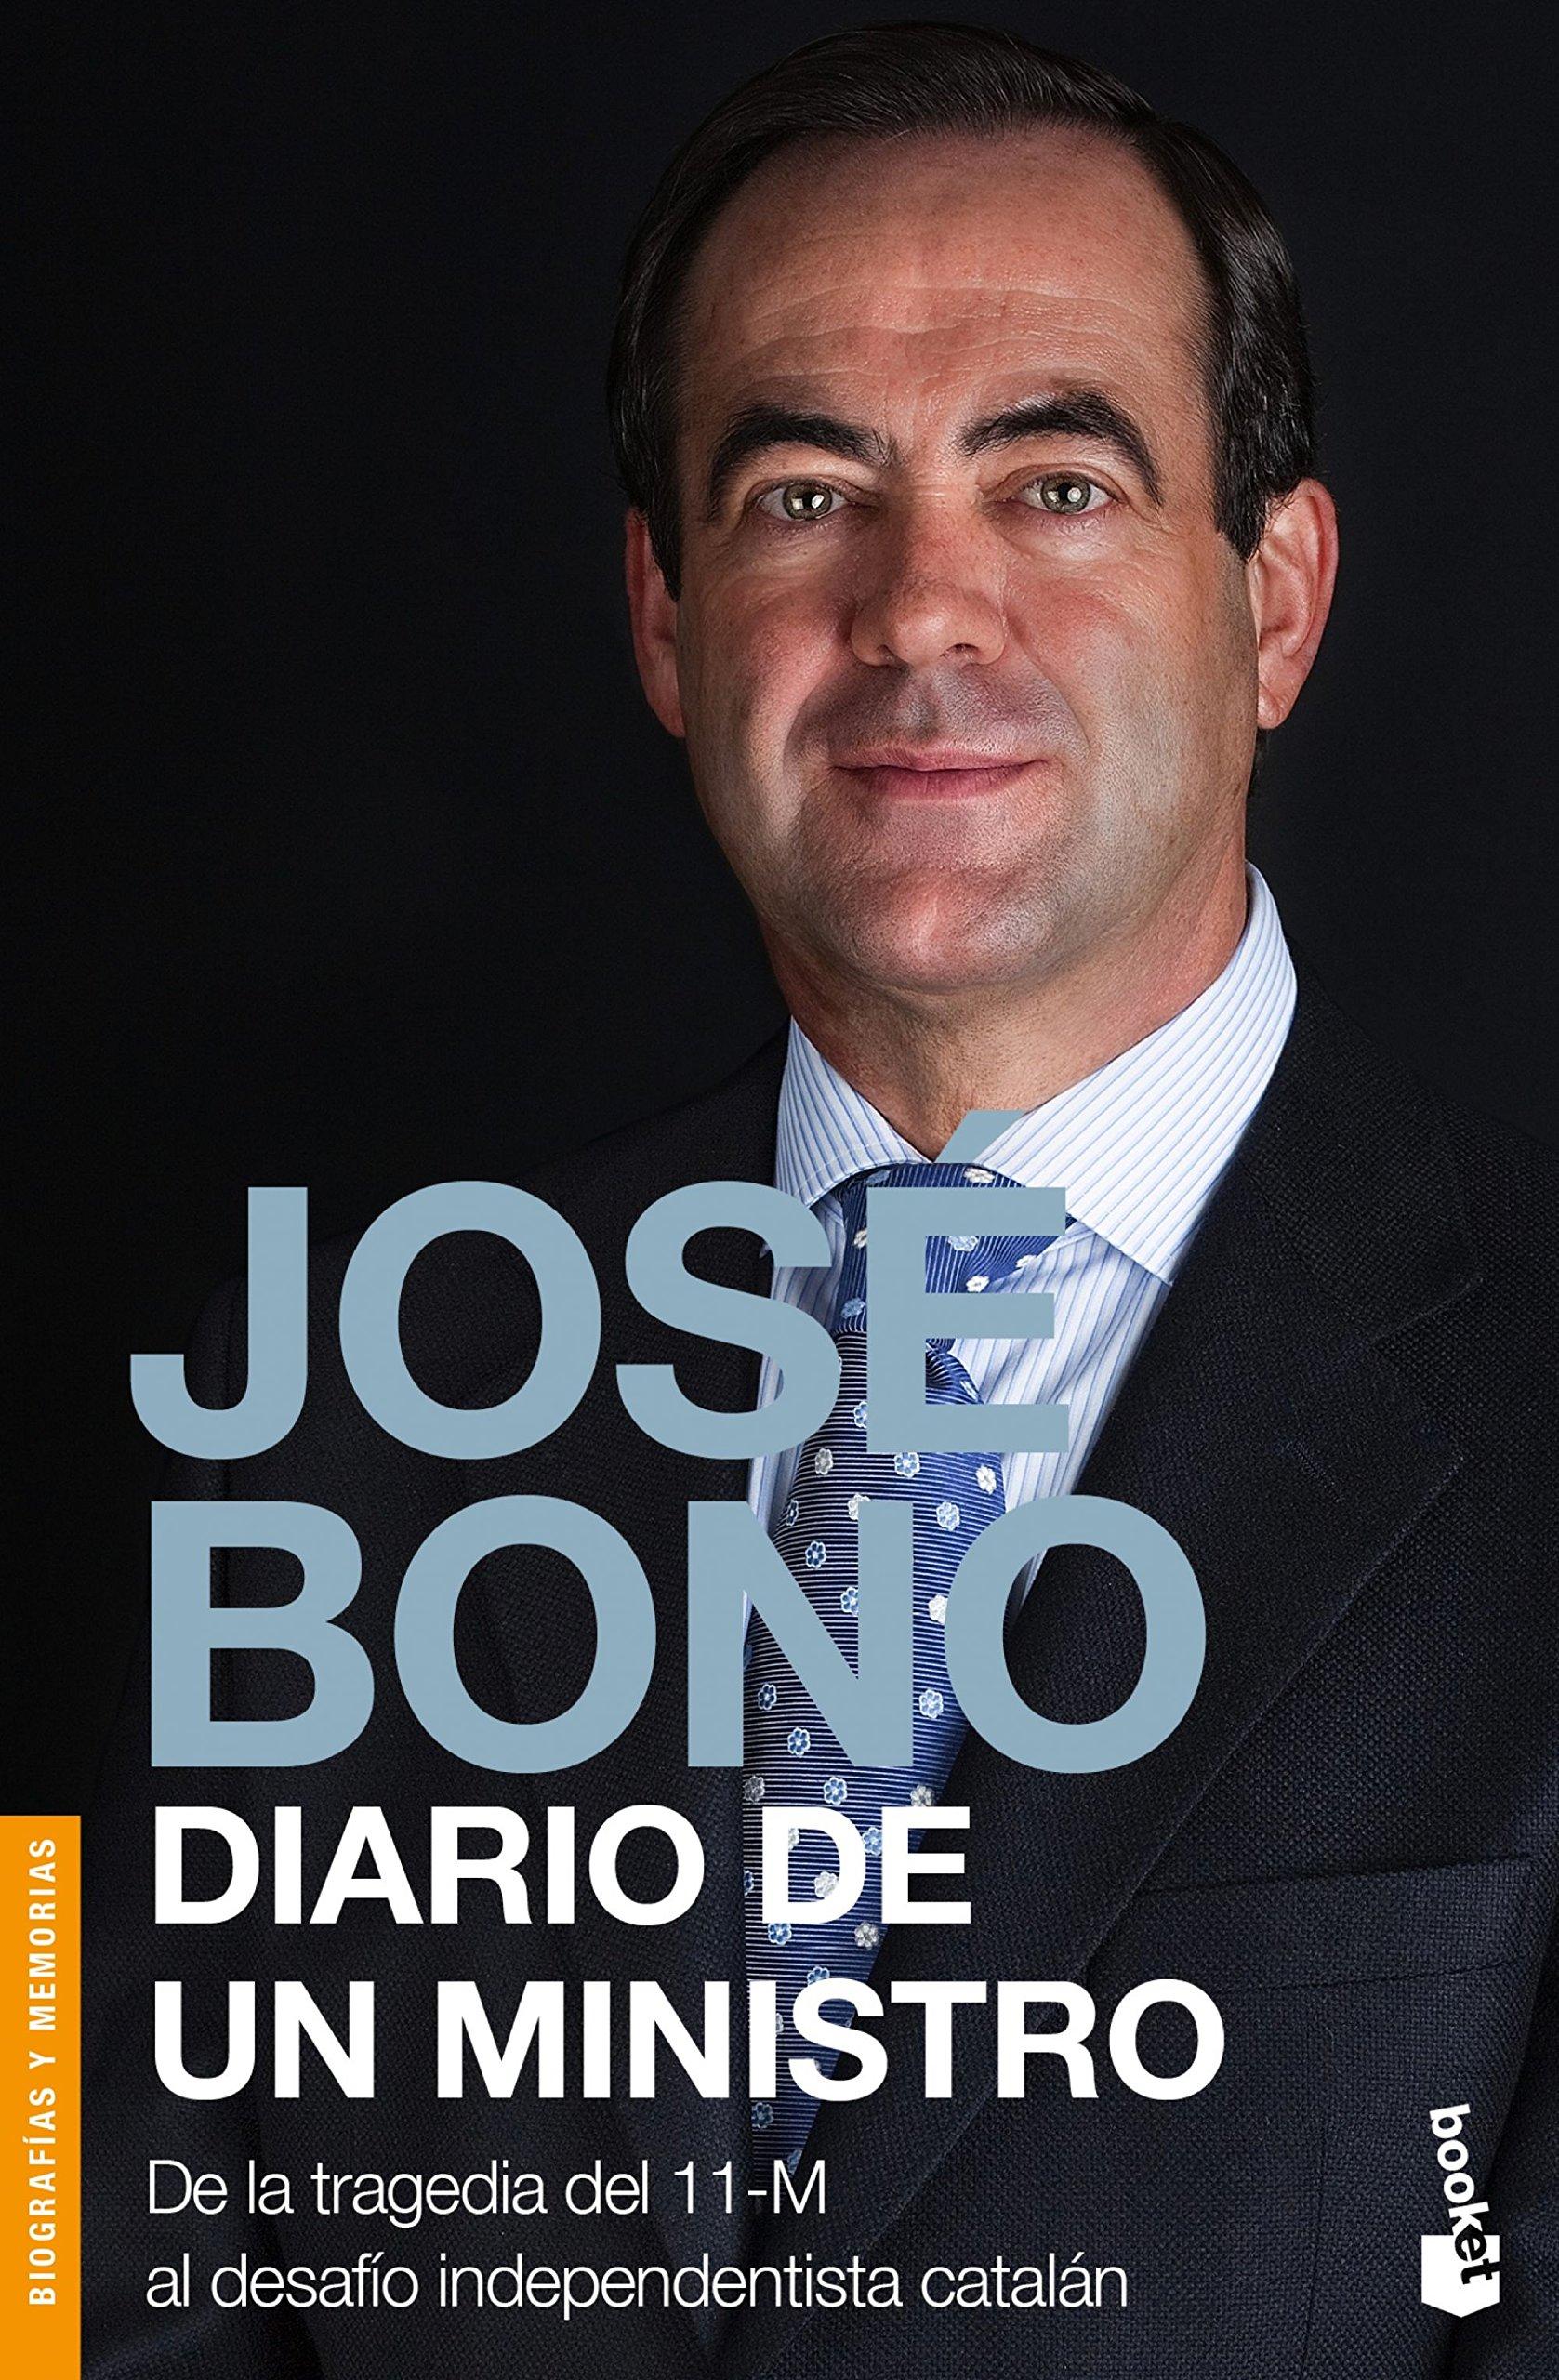 Diario de un ministro: 3 (Divulgación): Amazon.es: José Bono ...